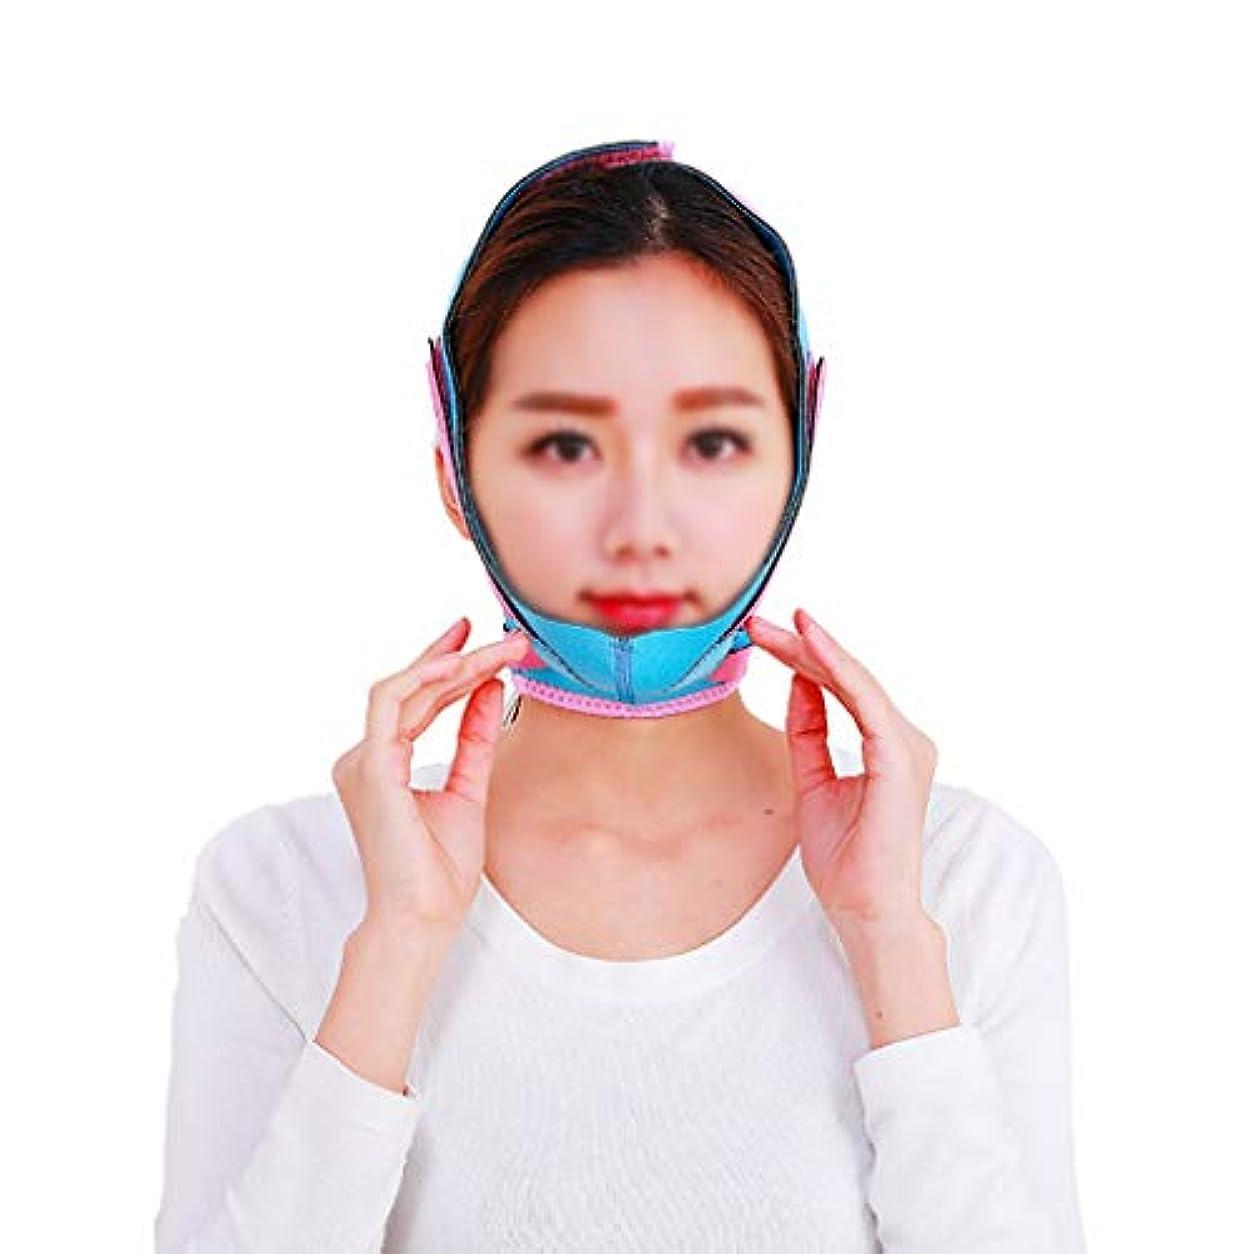 境界子ベッドを作るXHLMRMJ フェイス&ネックリフト、男性と女性のフェイスリフトアーチファクトシュリンクマスクは、輪郭の浮き彫りドループマッスル引き締め肌の弾力性のあるVフェイス包帯を強化